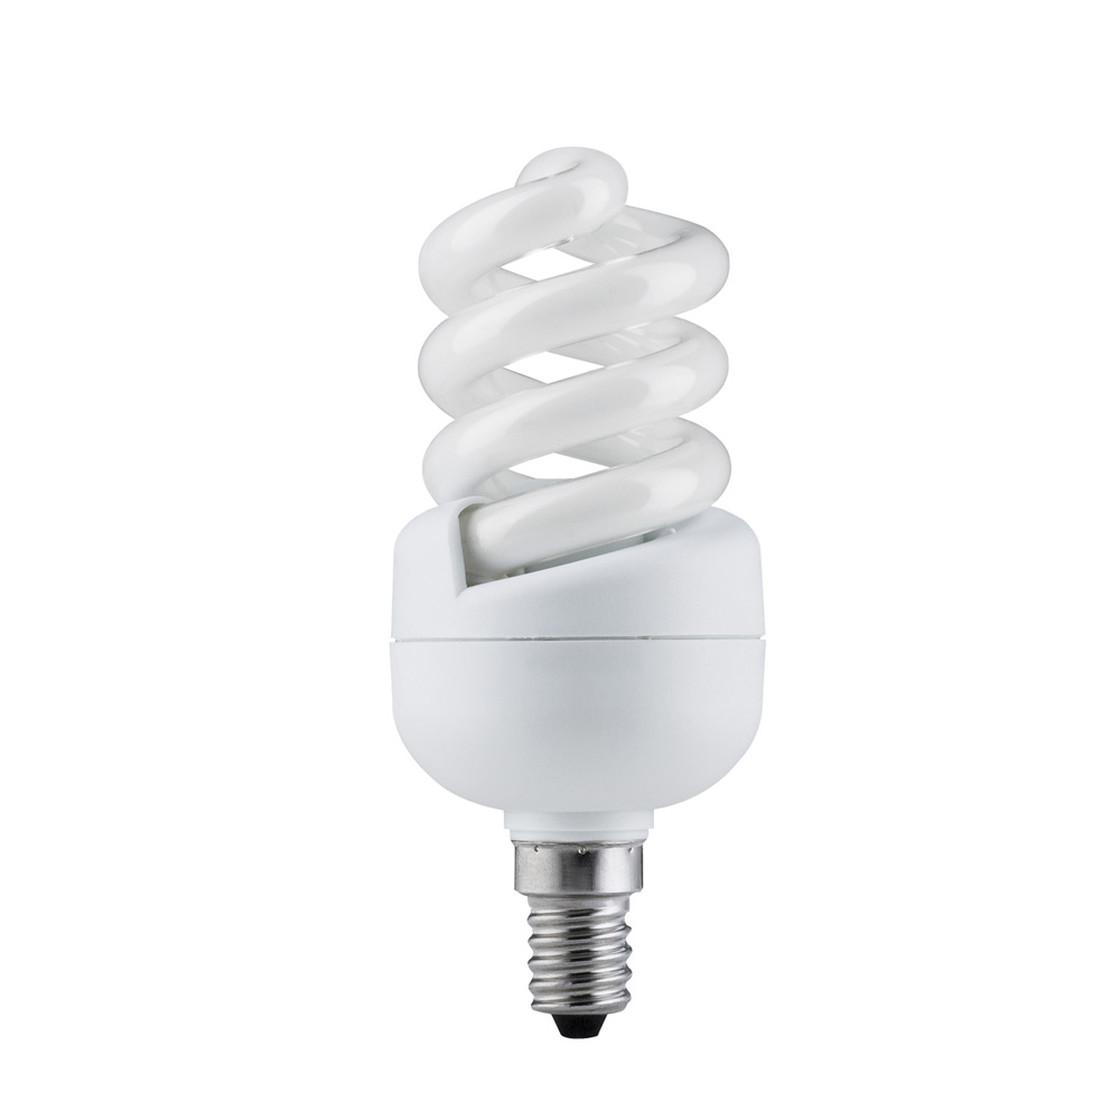 Paulmann energiesparlampe 11w e14 warmwei 2 75 for Lampen rampe